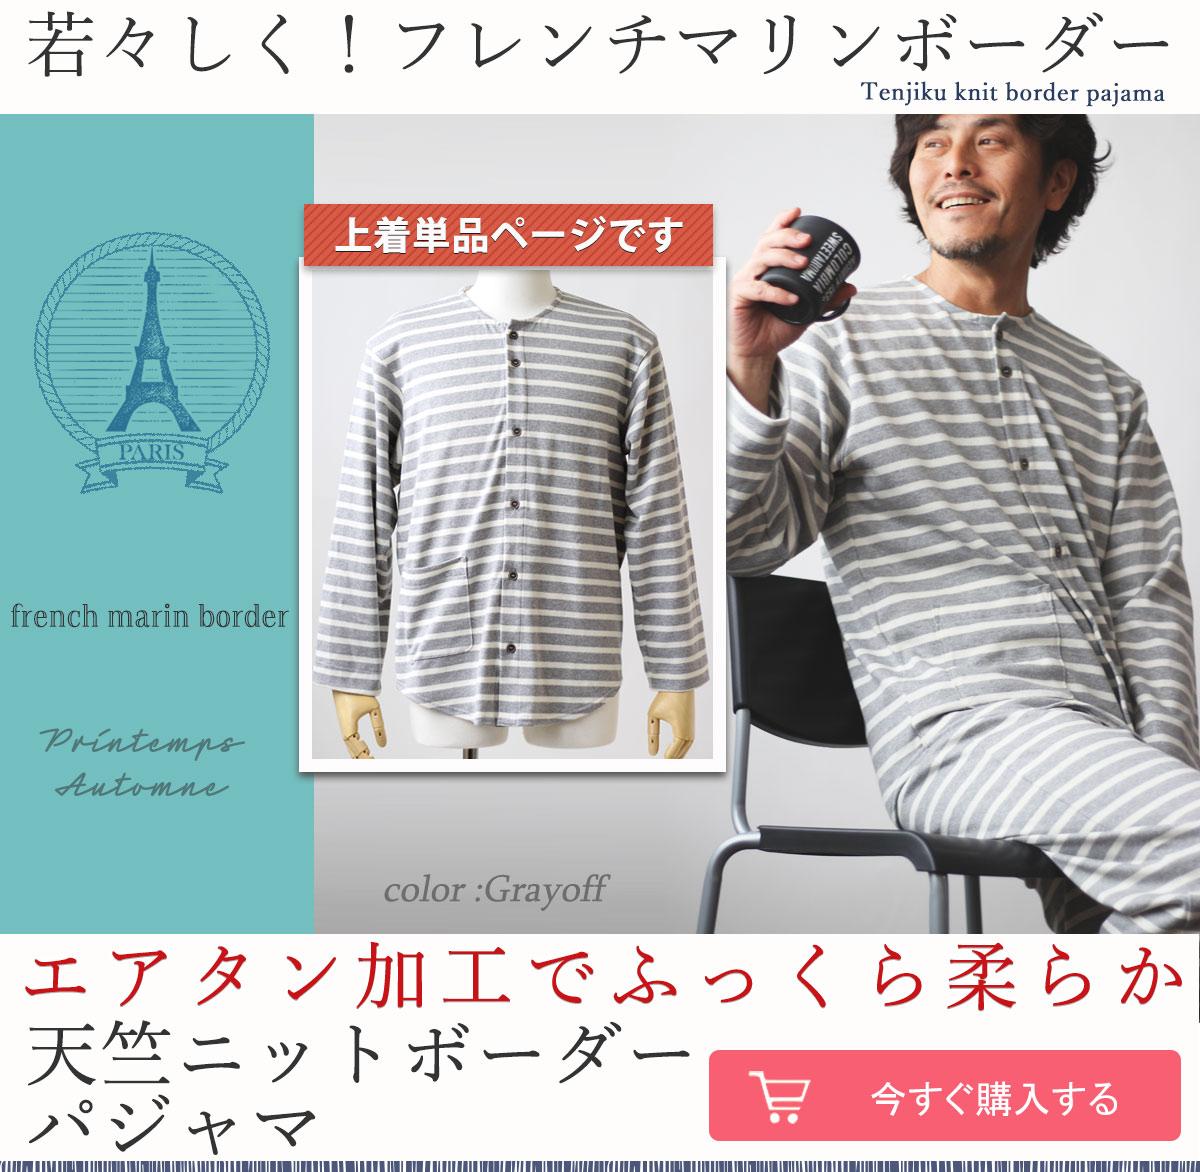 ほどよく伸縮とっても柔らか ストレスフリーなコットンパジャマ天竺ニット100%メンズパジャマ上着単品